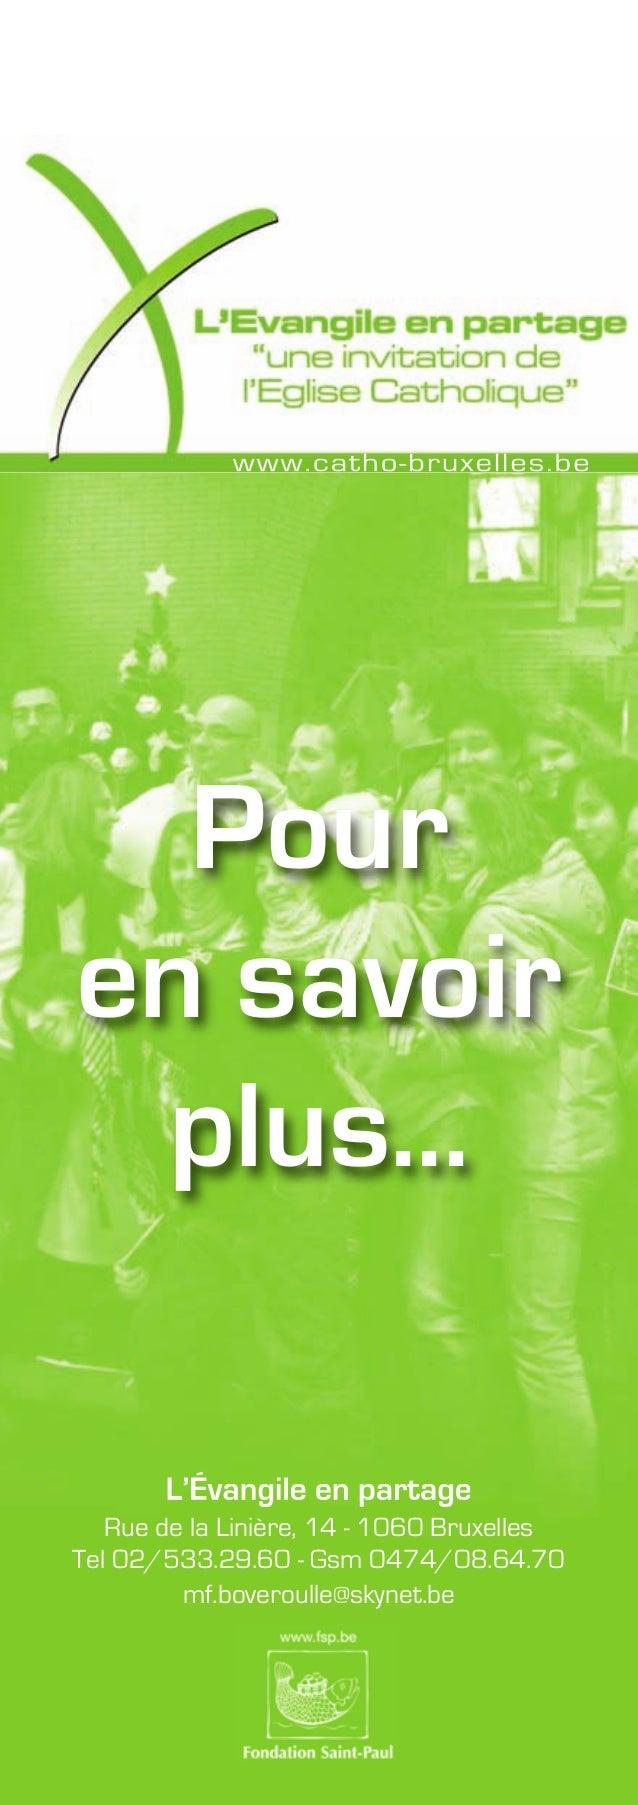 L'Évangile en partage Rue de la Linière, 14 - 1060 Bruxelles Tel 02/533.29.60 - Gsm 0474/08.64.70 mf.boveroulle@skynet.be ...